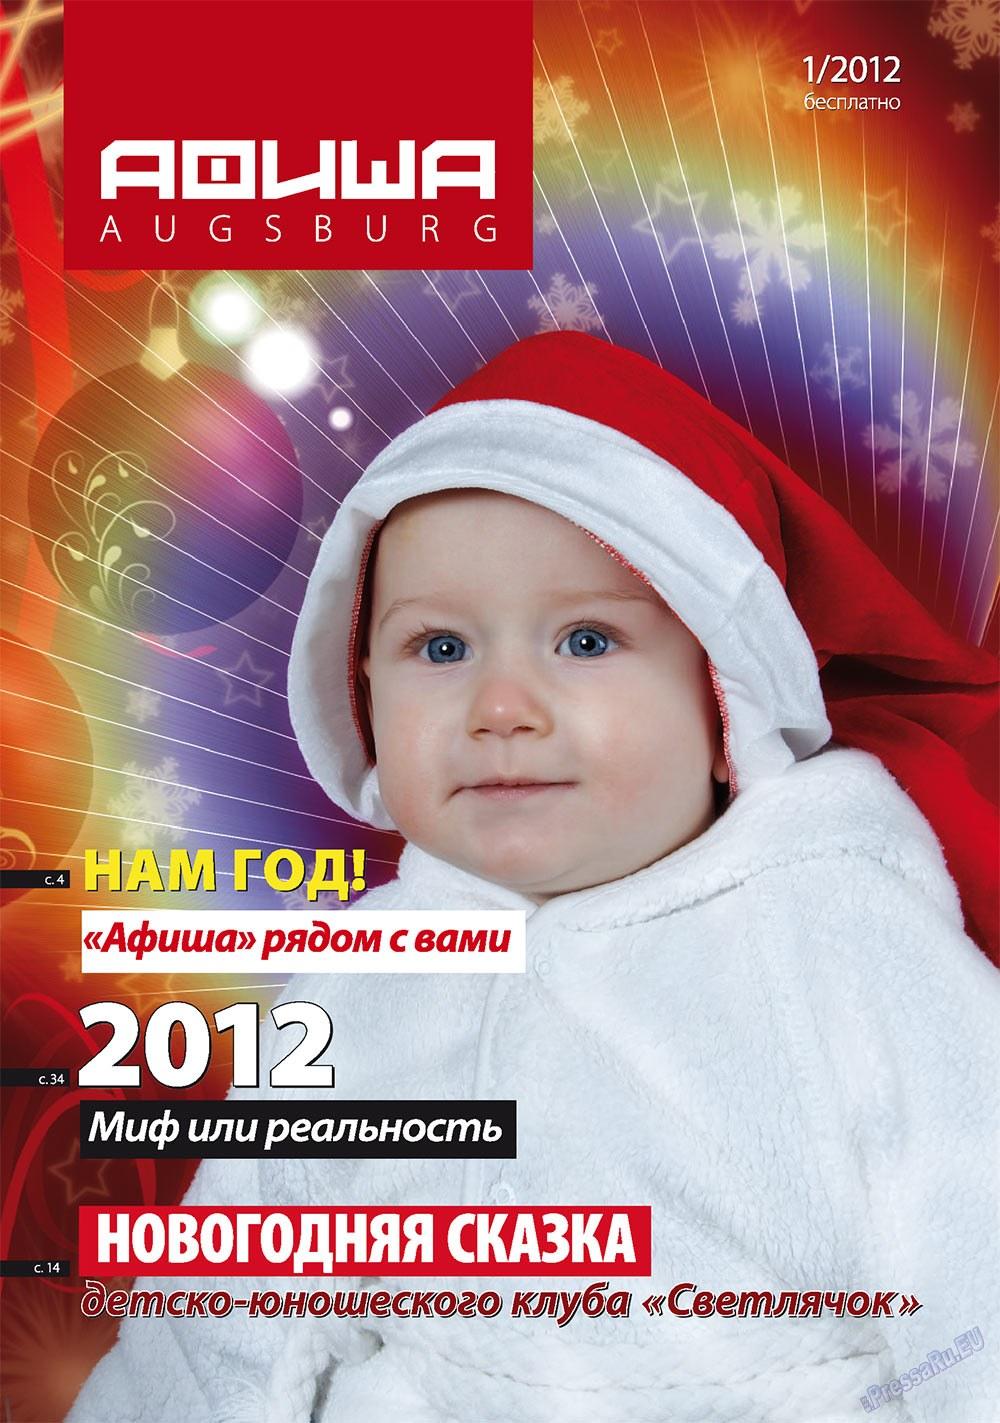 Афиша Augsburg (журнал). 2012 год, номер 1, стр. 1